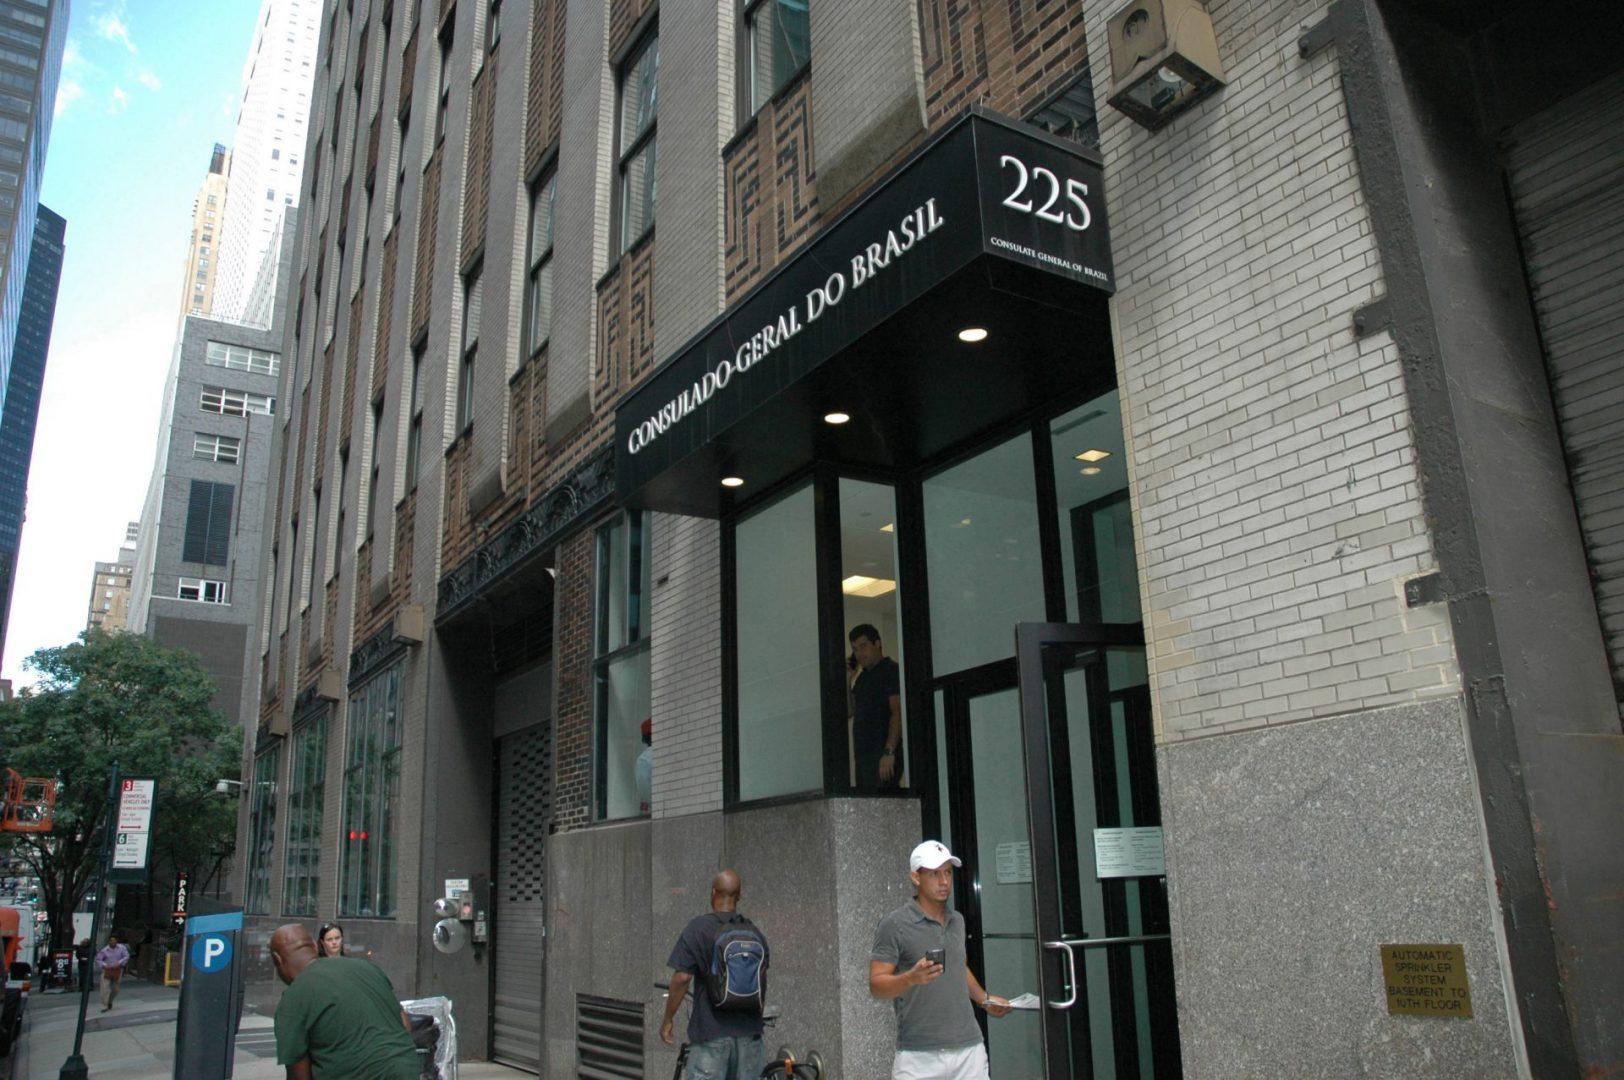 Foto18 Consulado Geral do Brasil em NY scaled 1 Governo cria serviço de assistência a brasileiros afetados pelo coronavírus no exterior